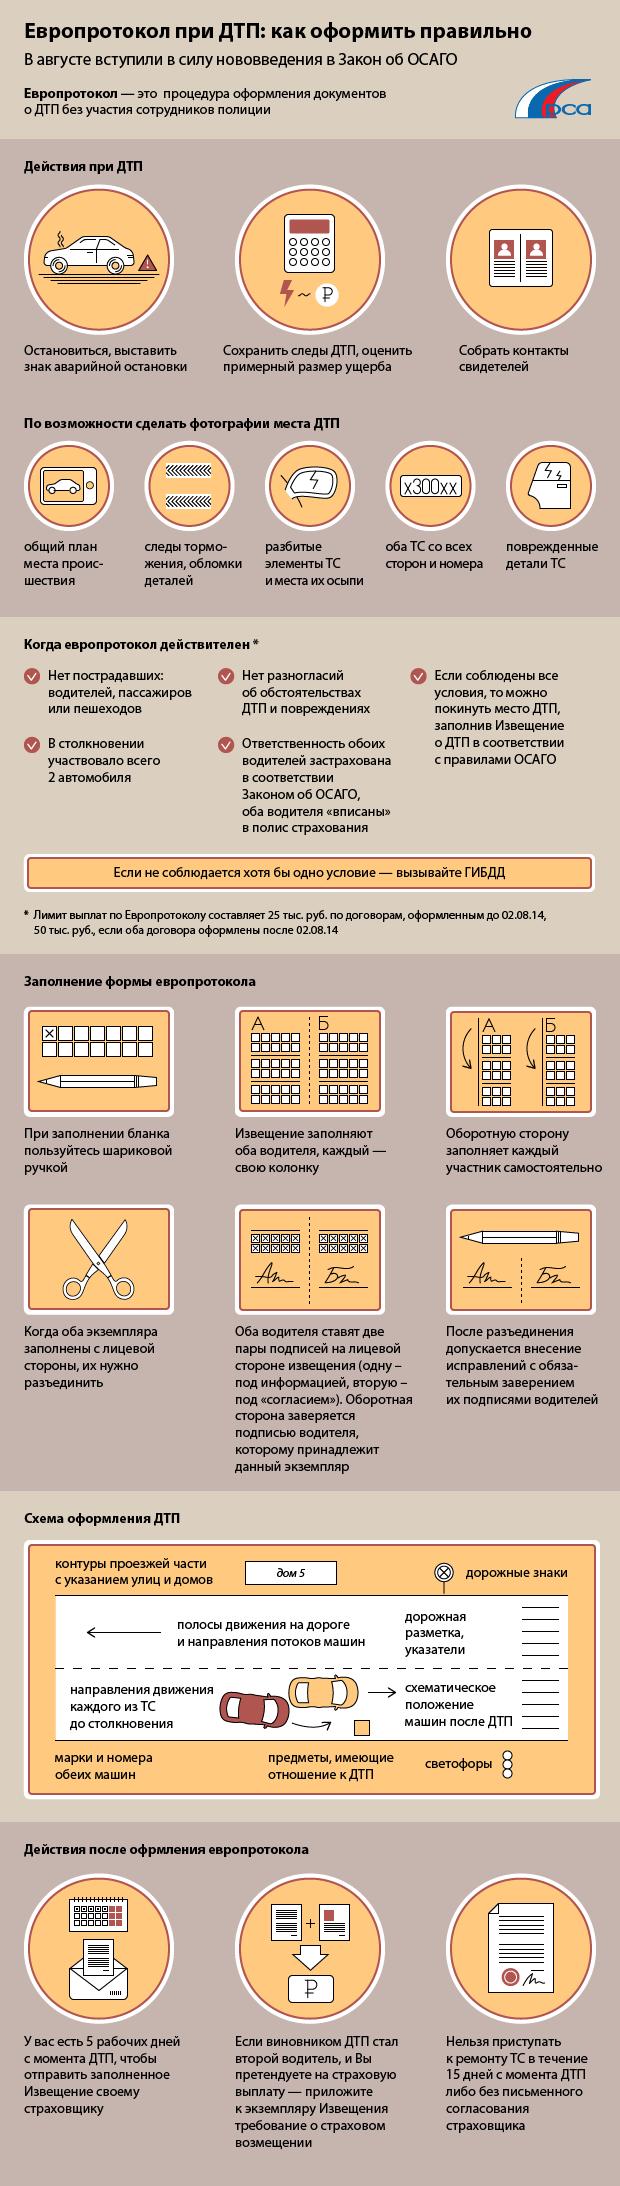 Как оформить ДТП без ГИБДД Процедура оформления ДТП по европротоколу